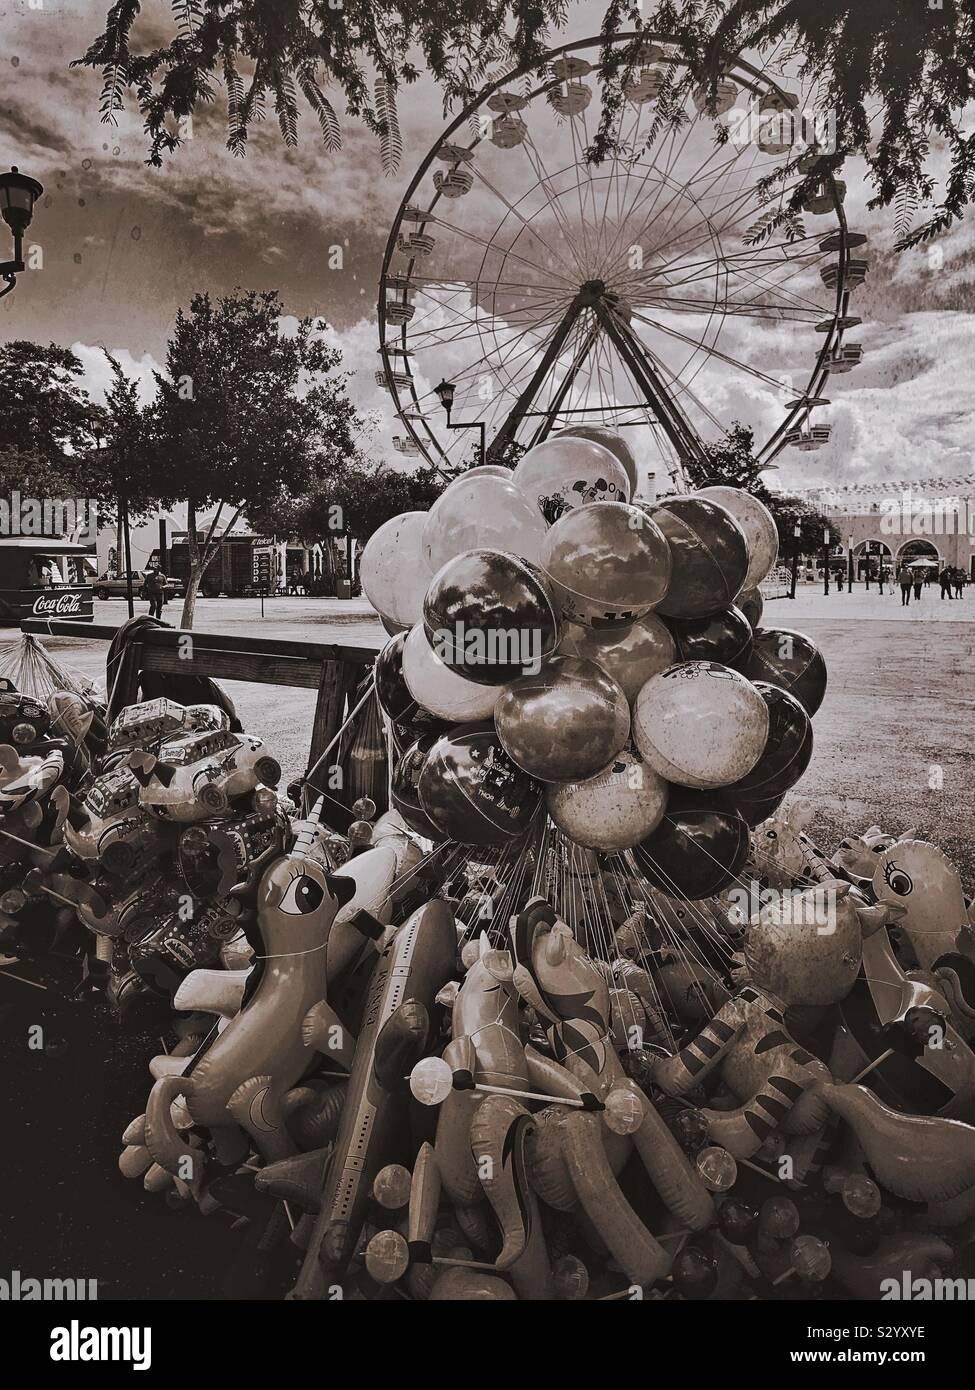 Un racimo de globos y una noria son parte de la familia medio ambiente amistoso y emocionante en la Feria Yucatán Xmatkuil. Foto de stock